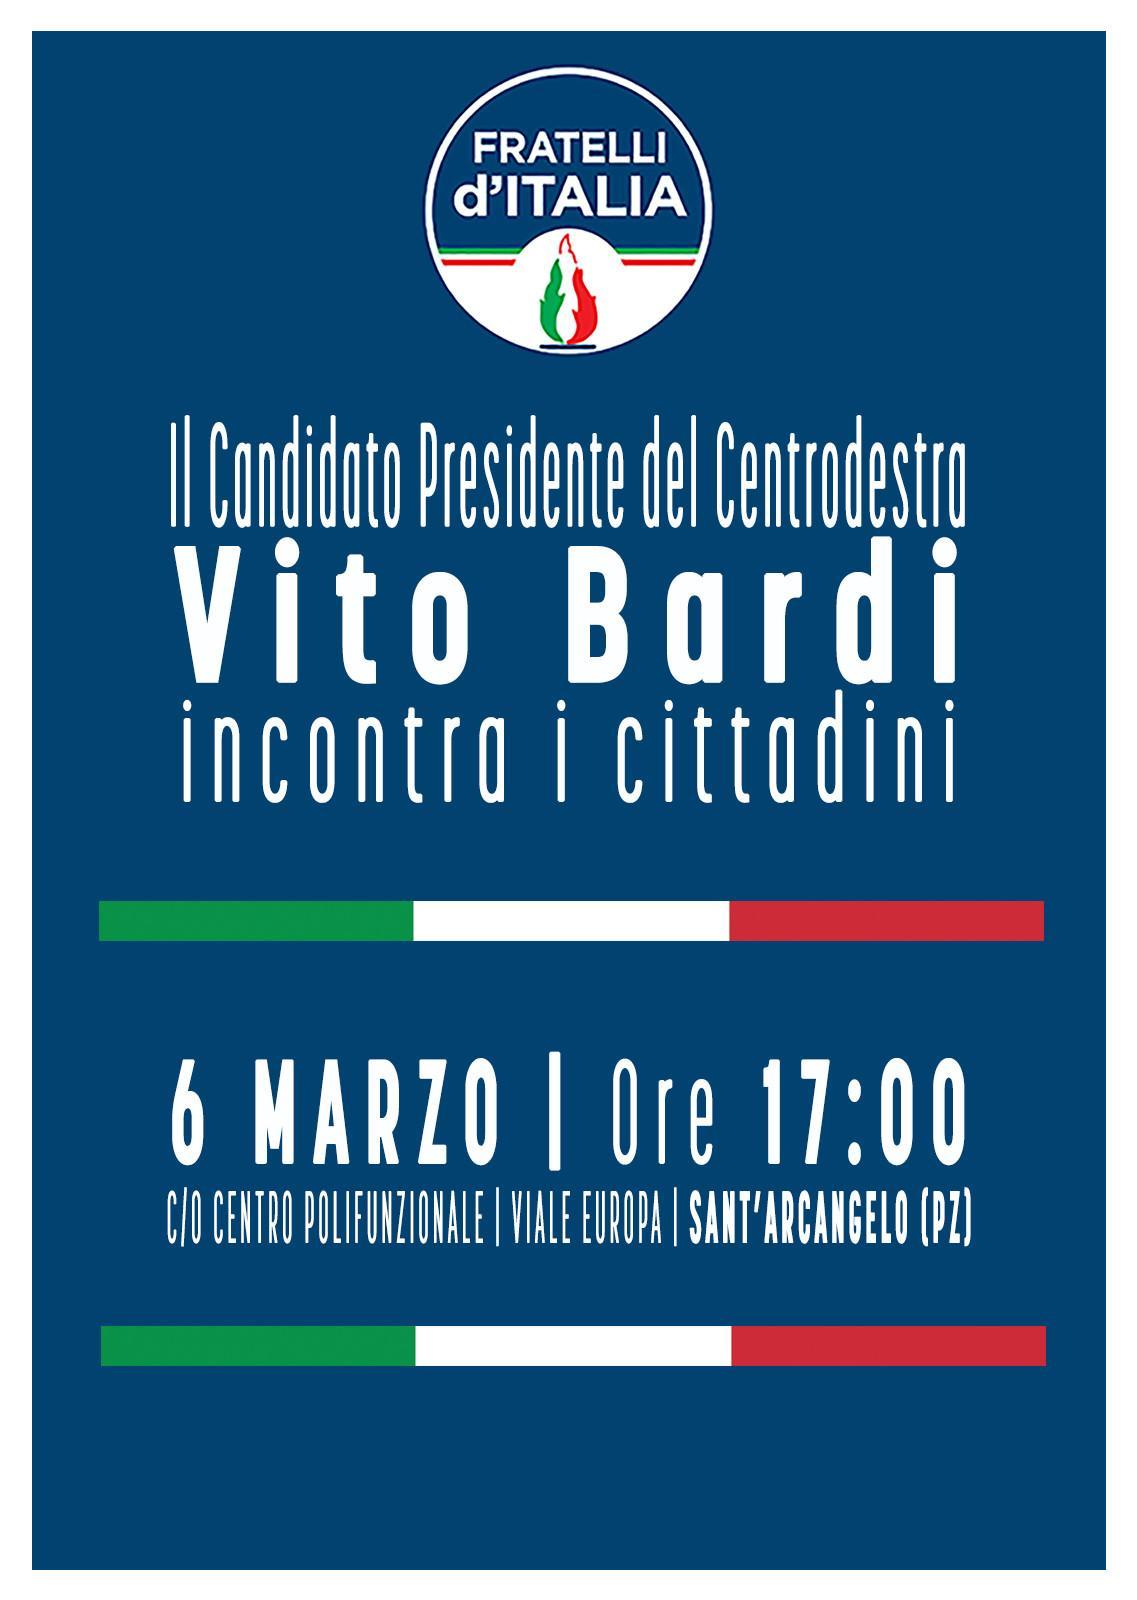 5 marzo Bardi preannuncia l'lincontro con i cittadini della Val d'Agri